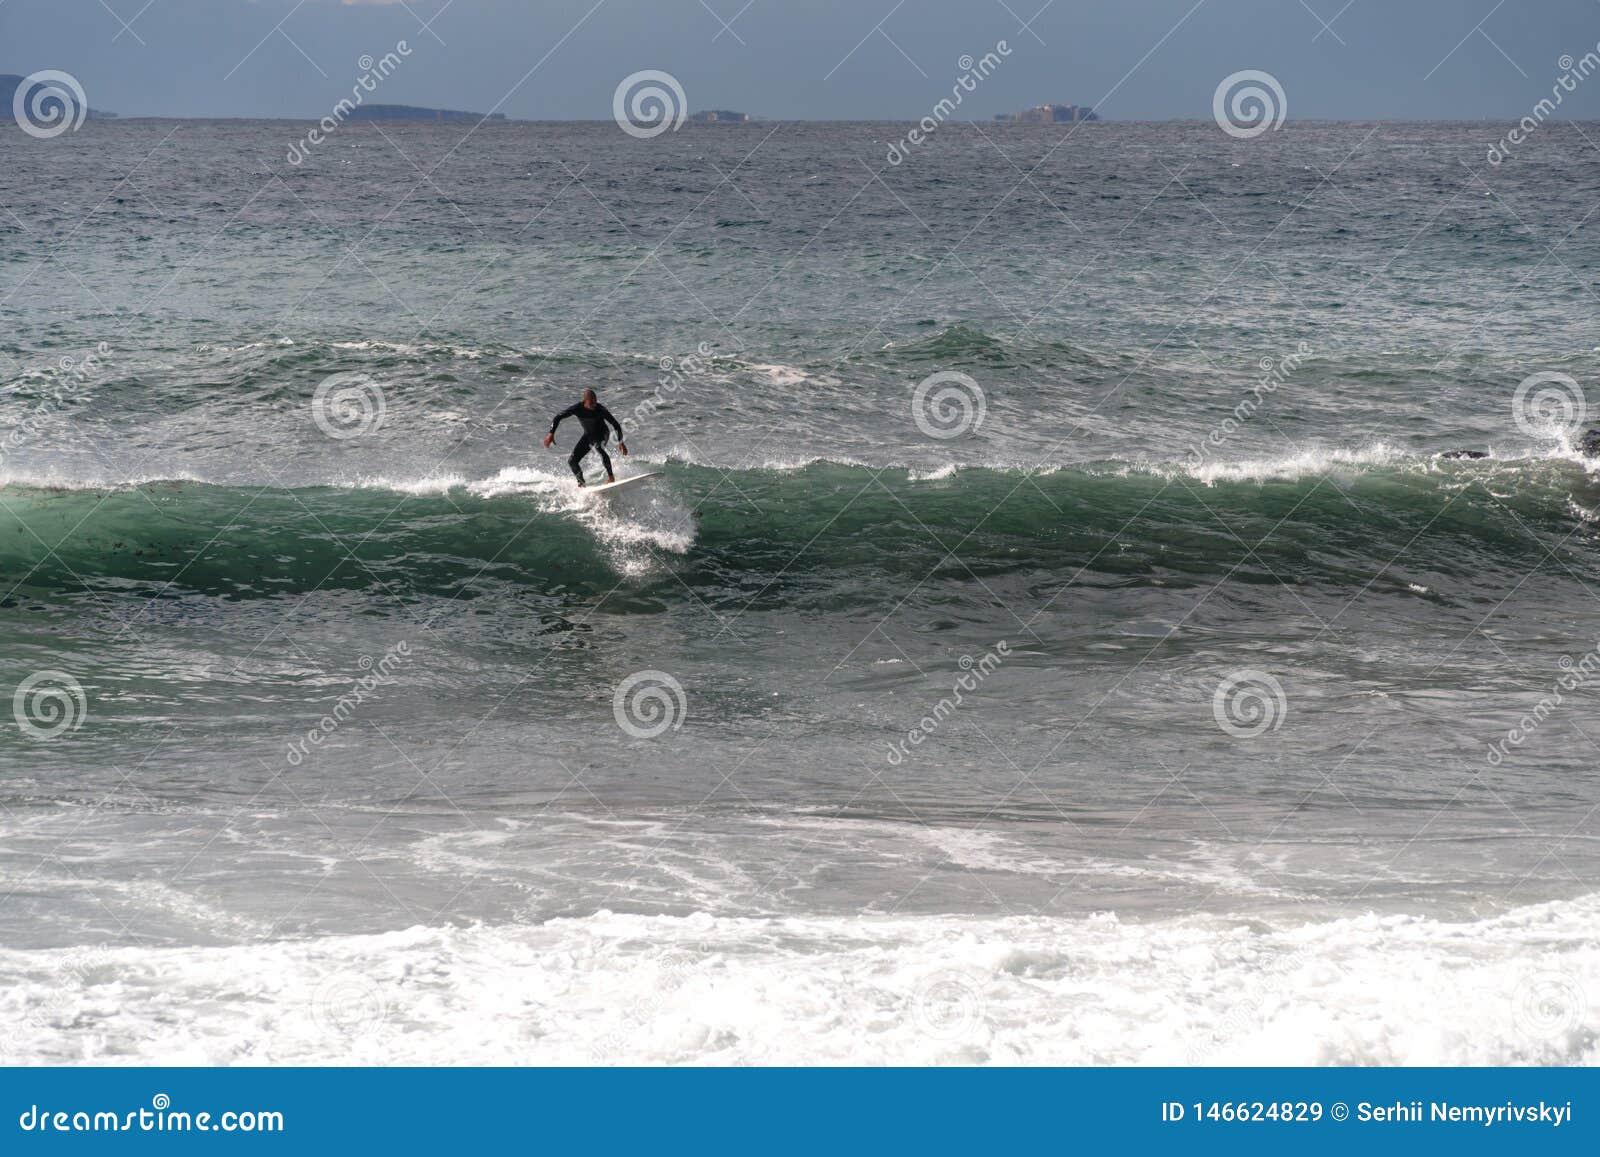 De surfer neemt een golf, op een surfplank, glijdt langs de golf, op de achtergrond van de berg, Sorrento Itali?